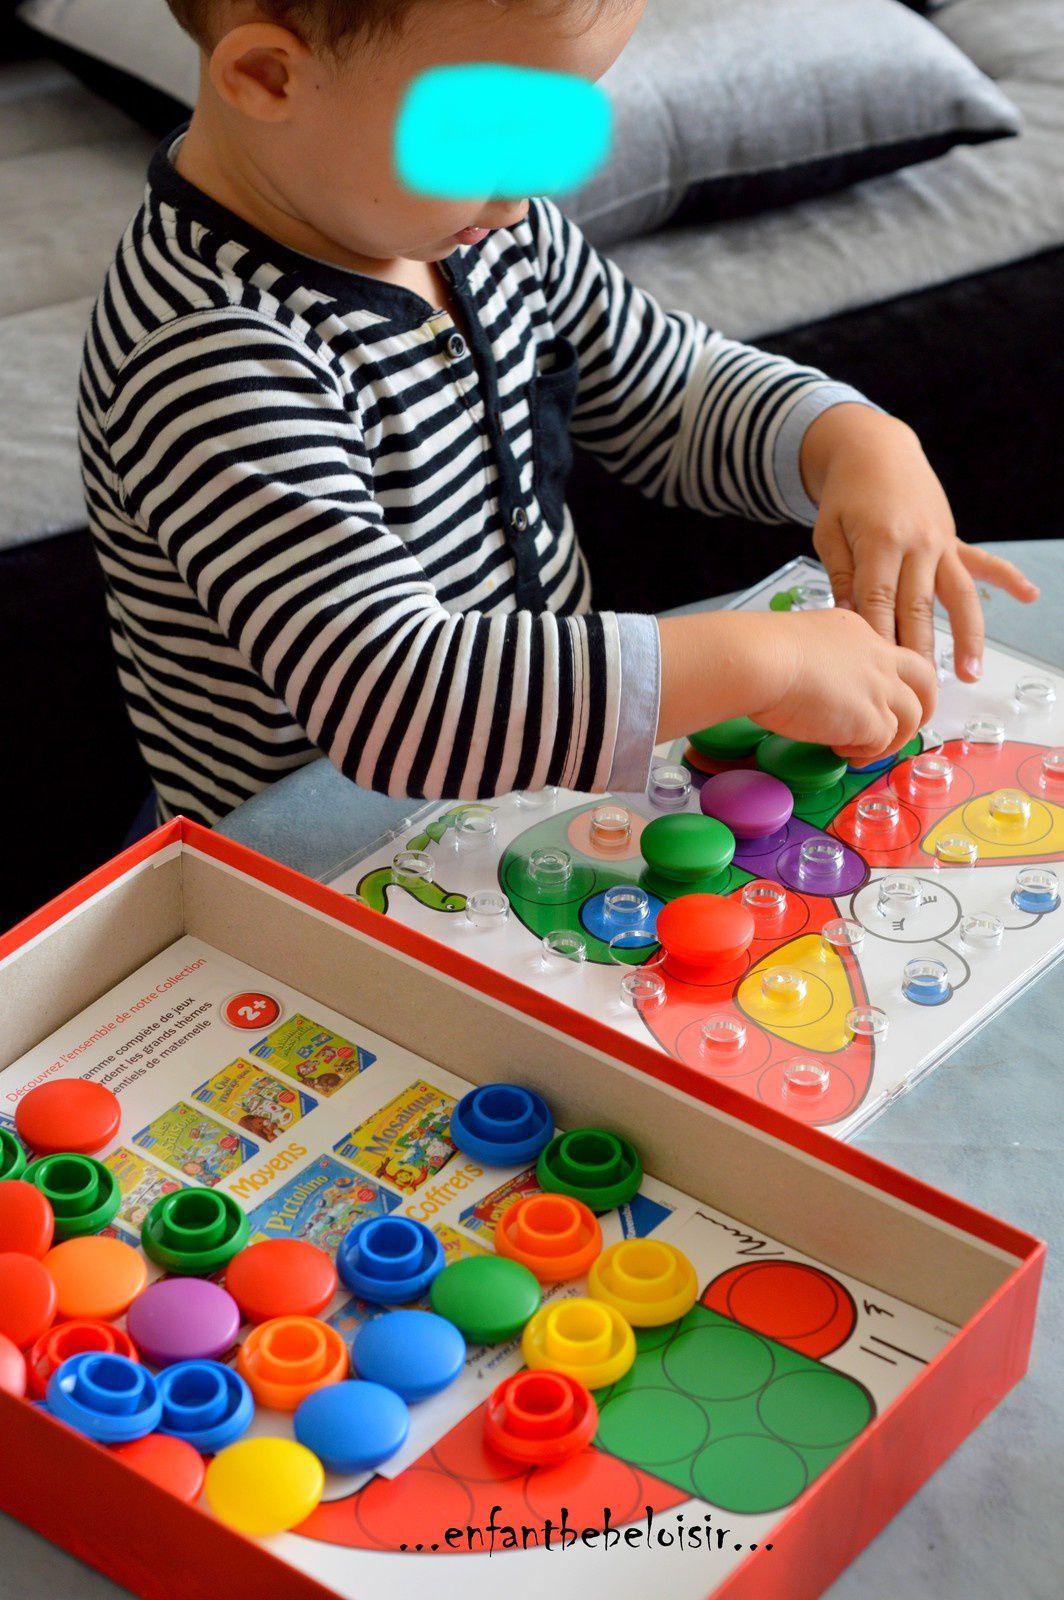 Activité Bébé - Le Colorino - Enfant Bébé Loisir pour Colorino A Imprimer